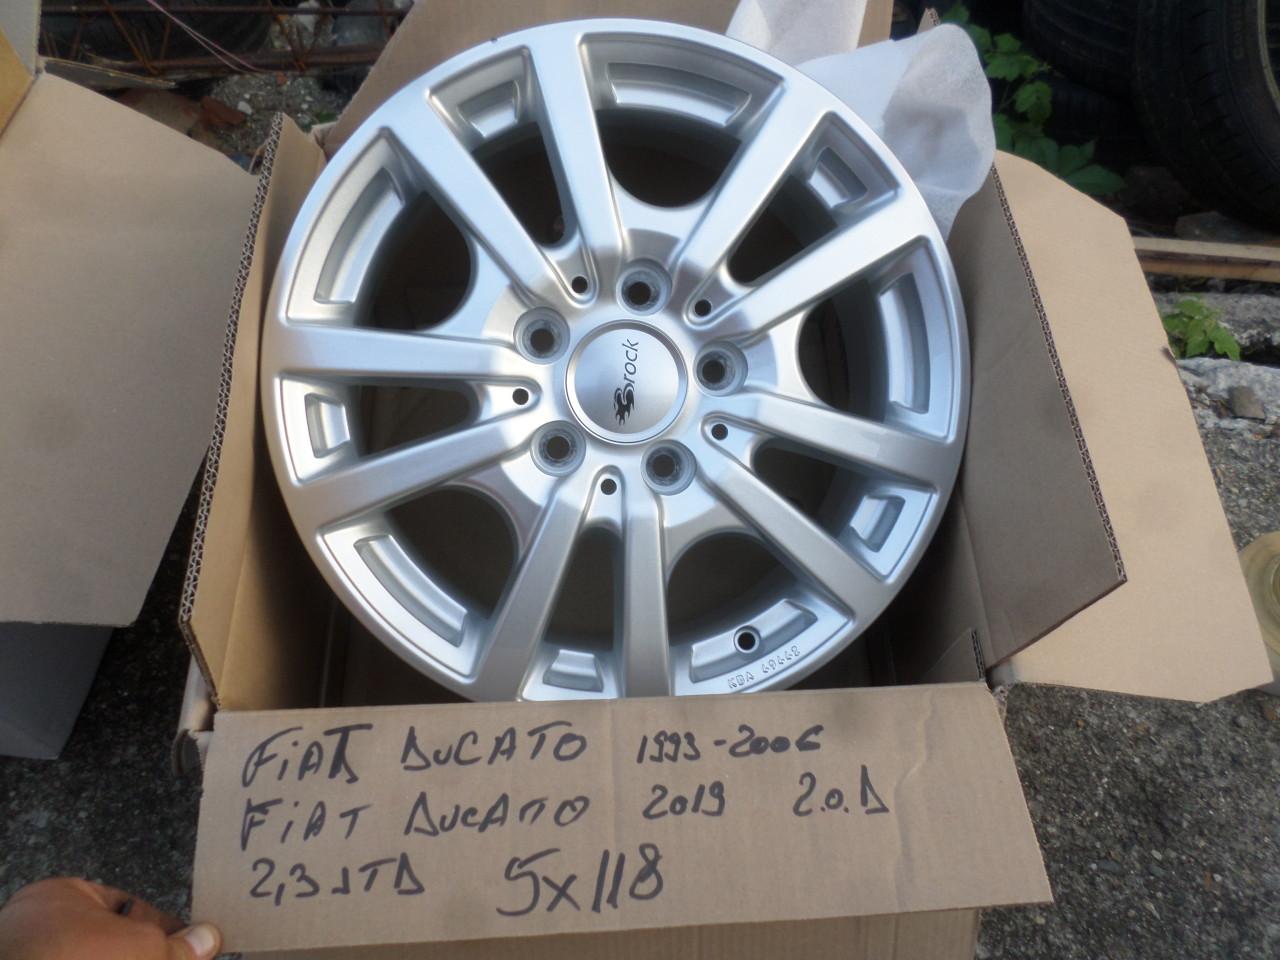 Jante Fiat Ducato  2,3 JTD 2,0 D  Autorulota 16 zoll 5x118 marca Brock